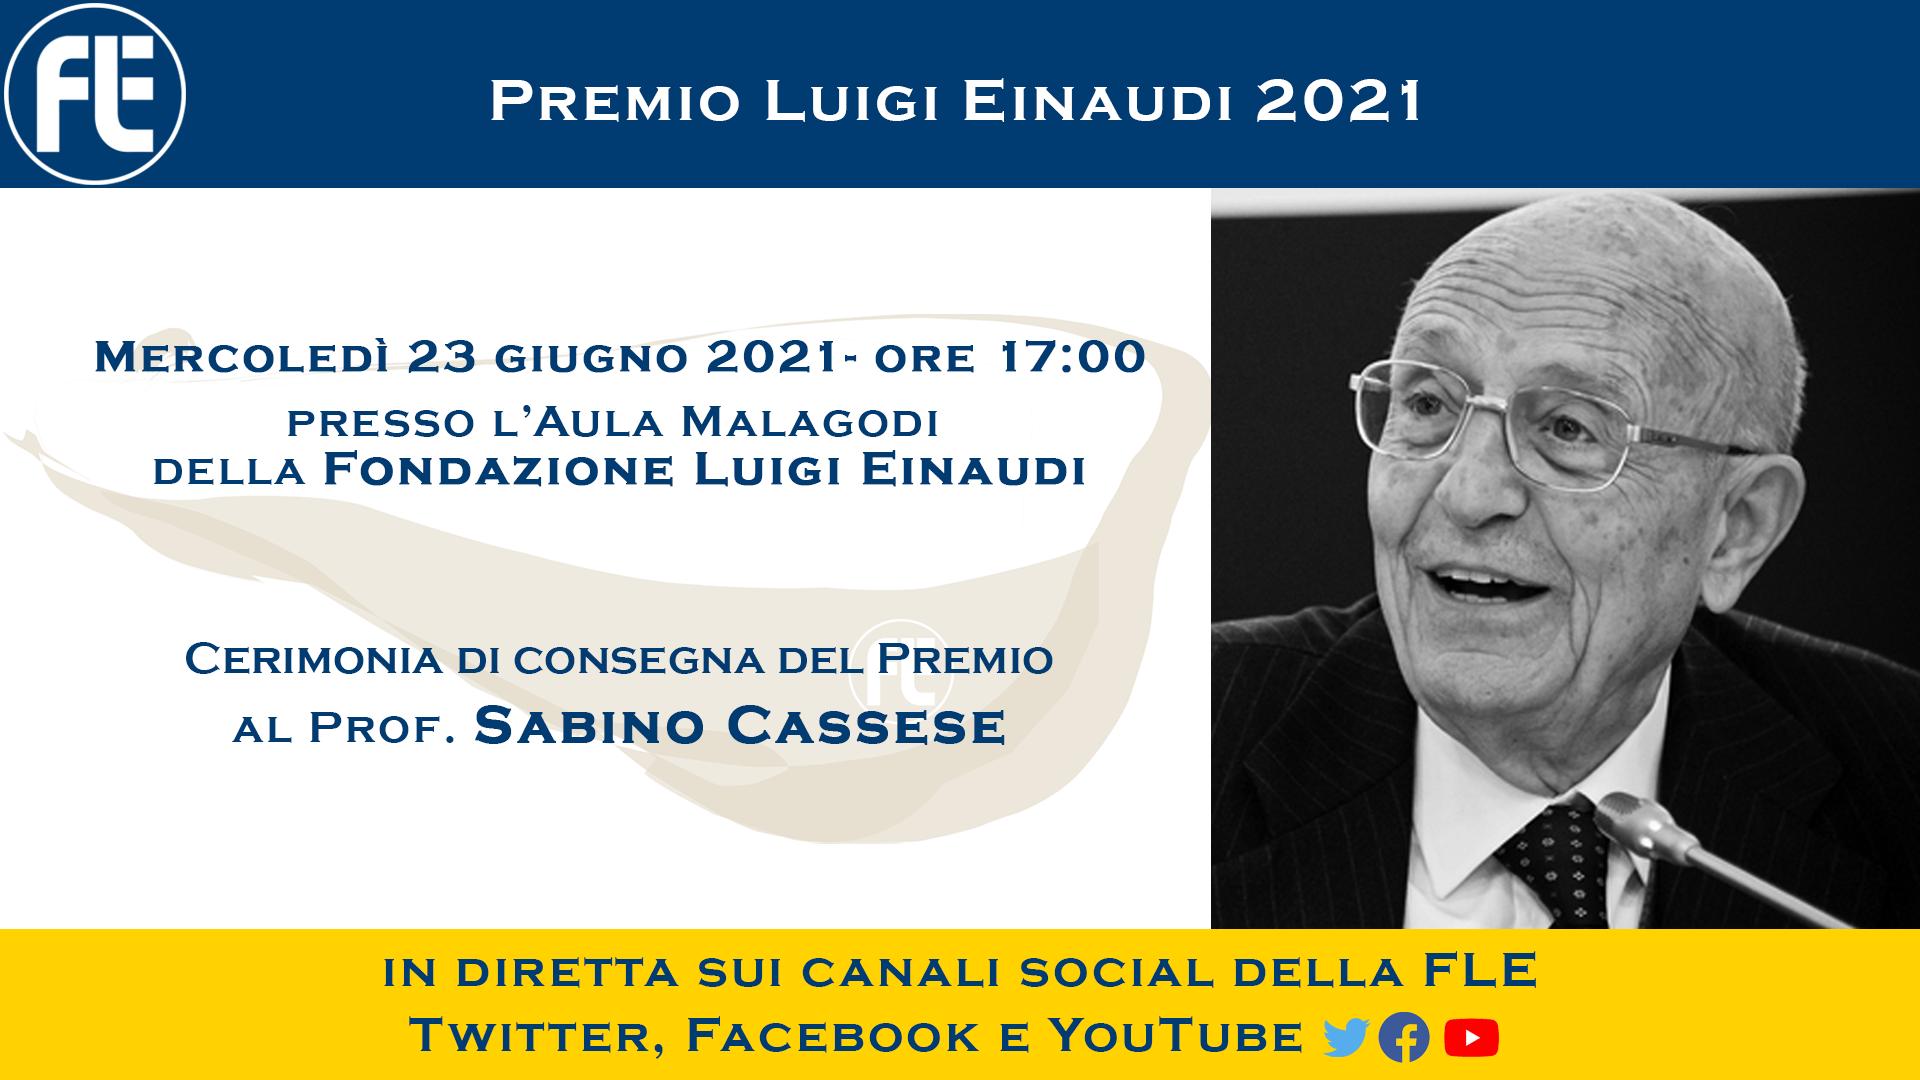 Premio Luigi Einaudi 2021